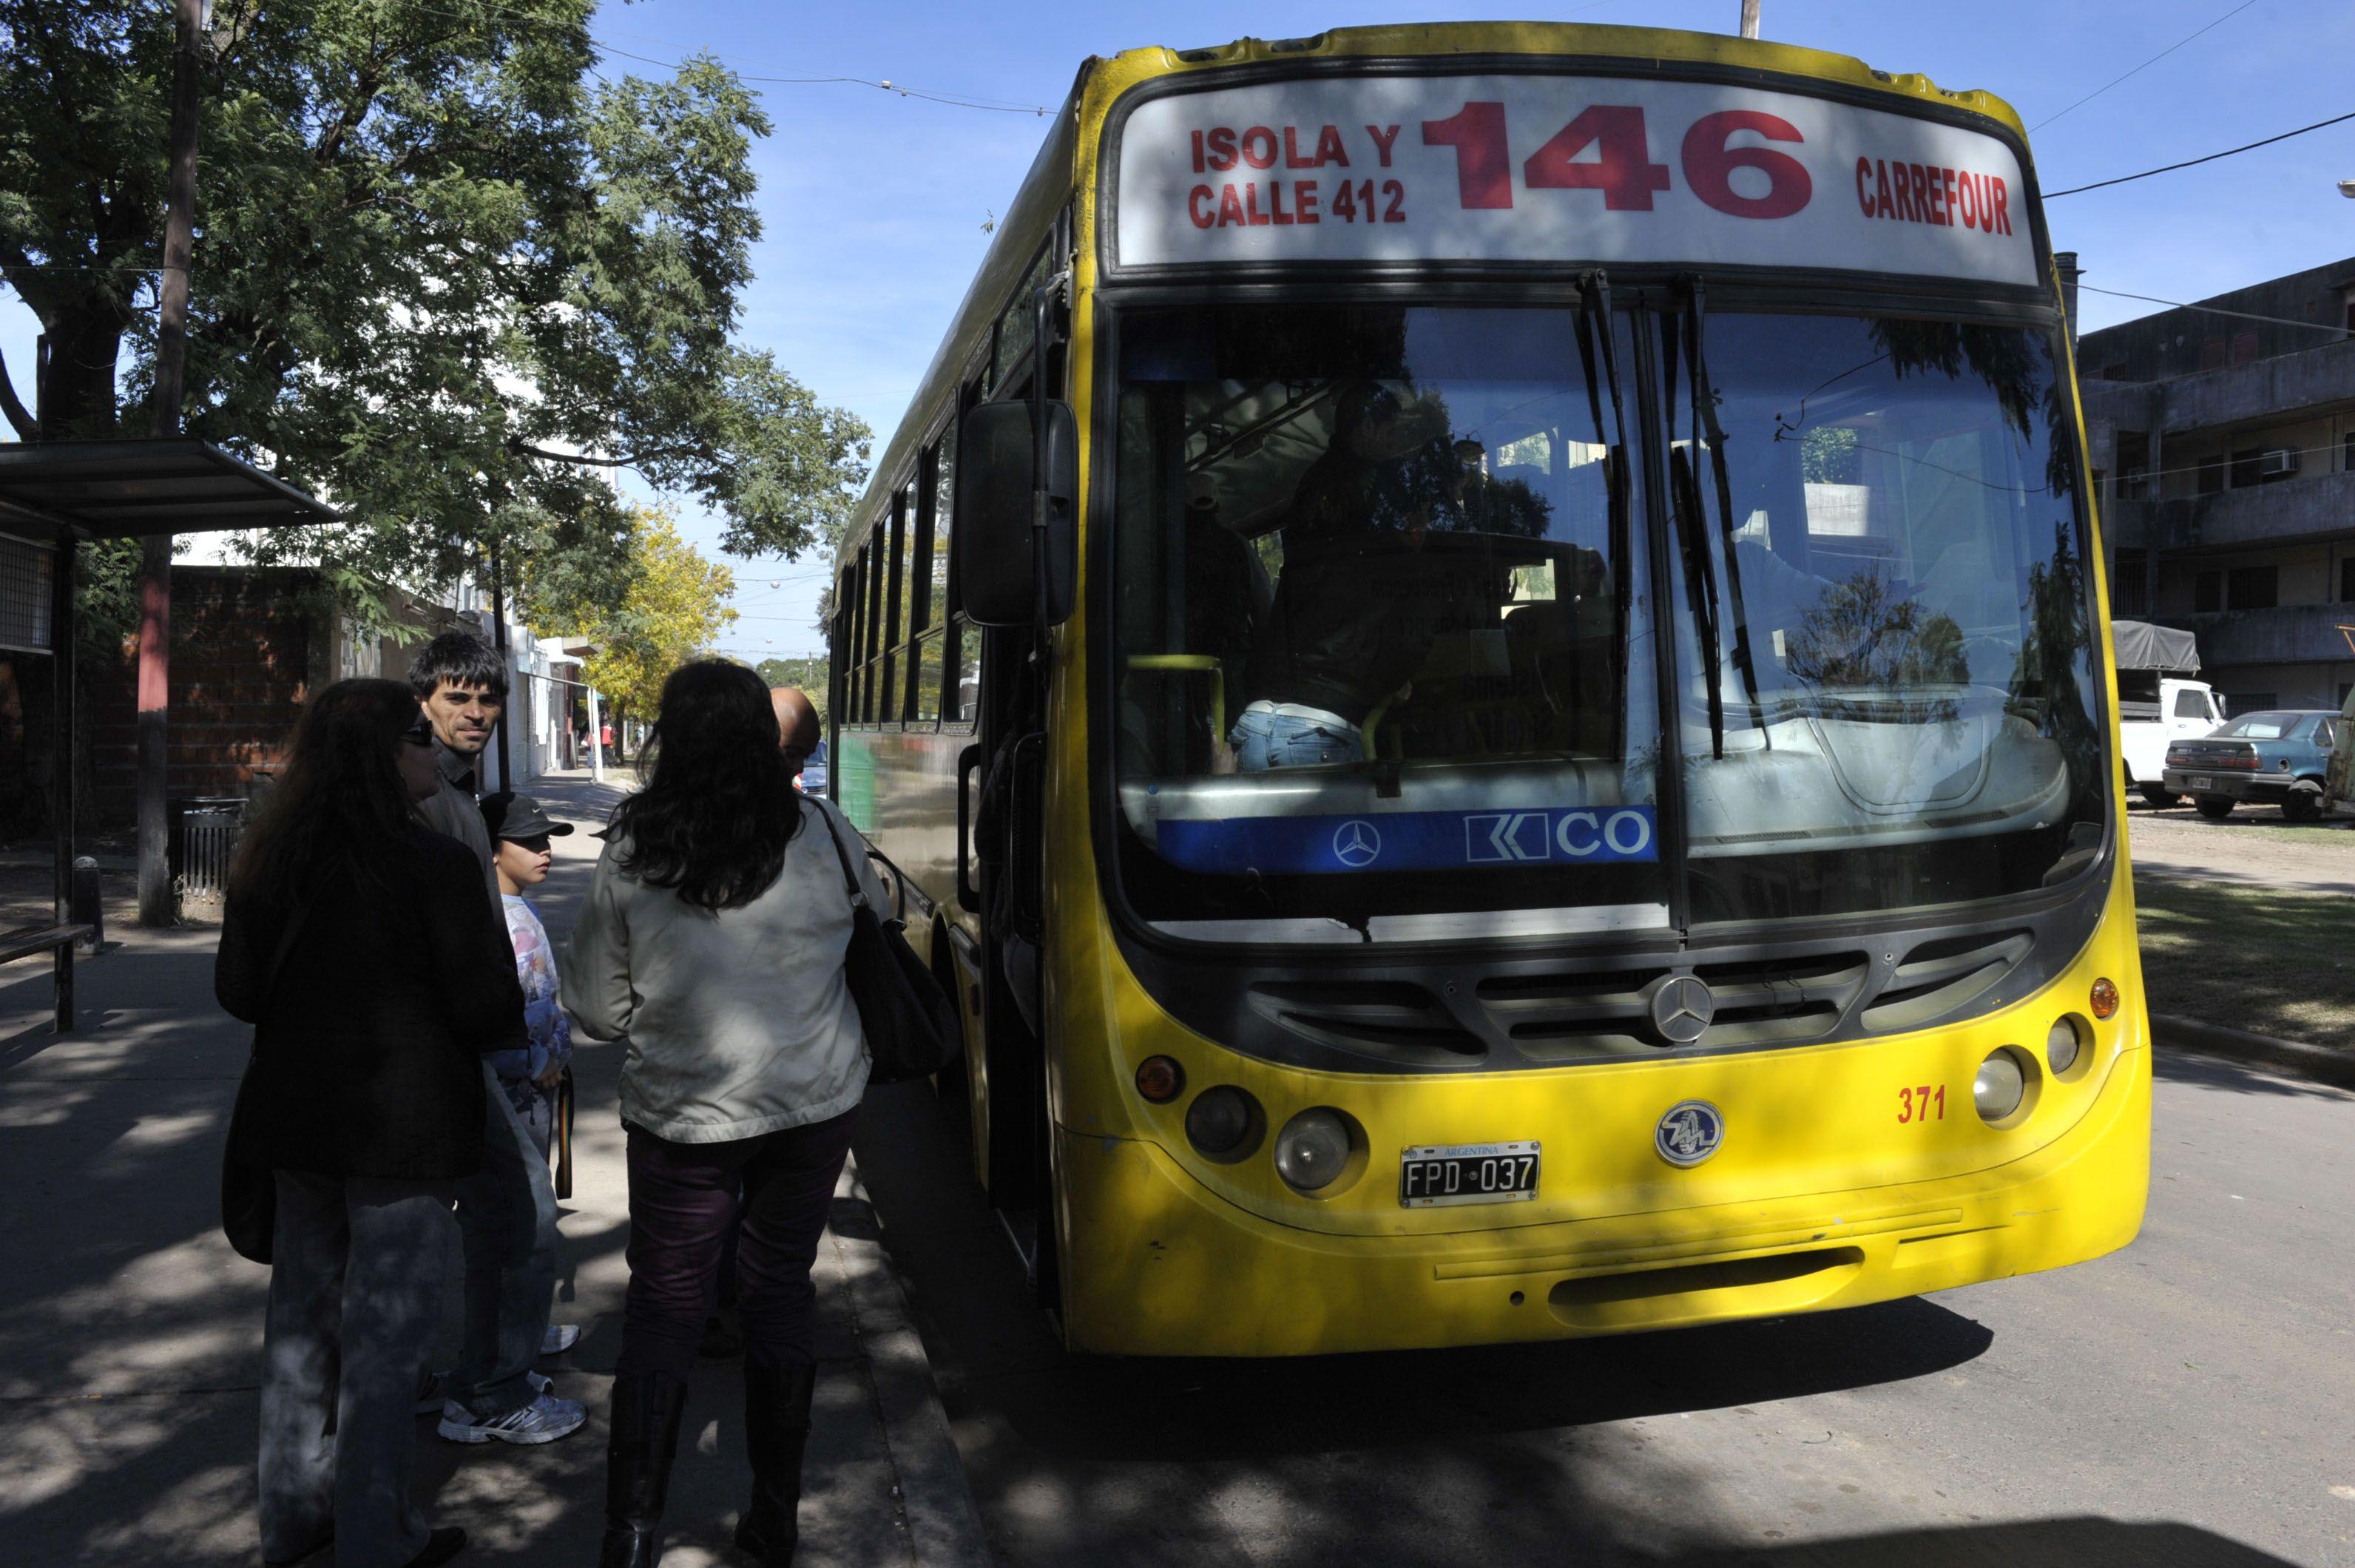 El asalto a la unidad de la línea 146 se produjo en la zona sur de Rosario. (Foto de archivo)